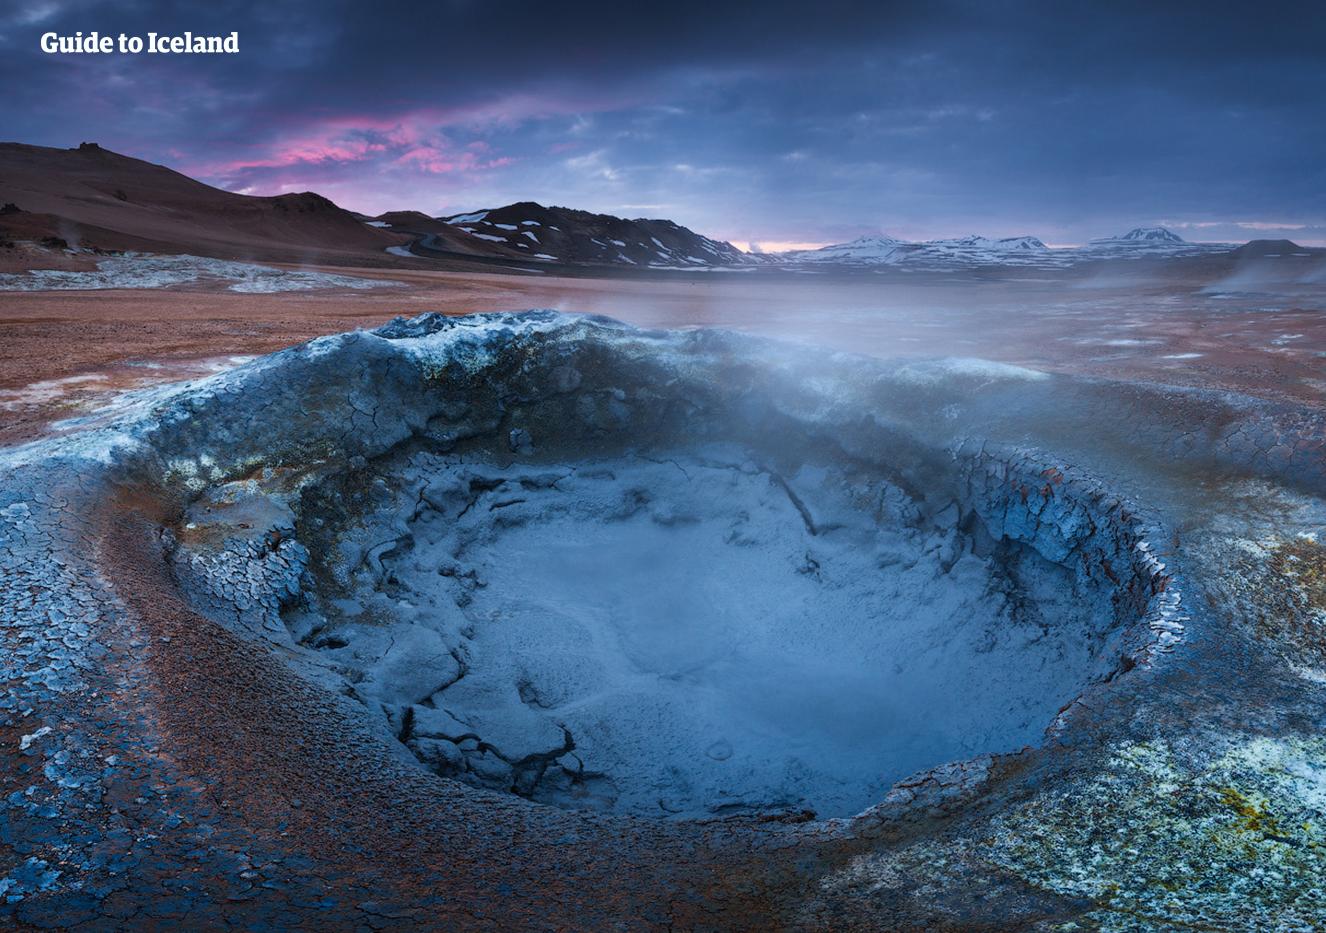 Rundt innsjøen Mývatn ligger det flere geotermiske områder.